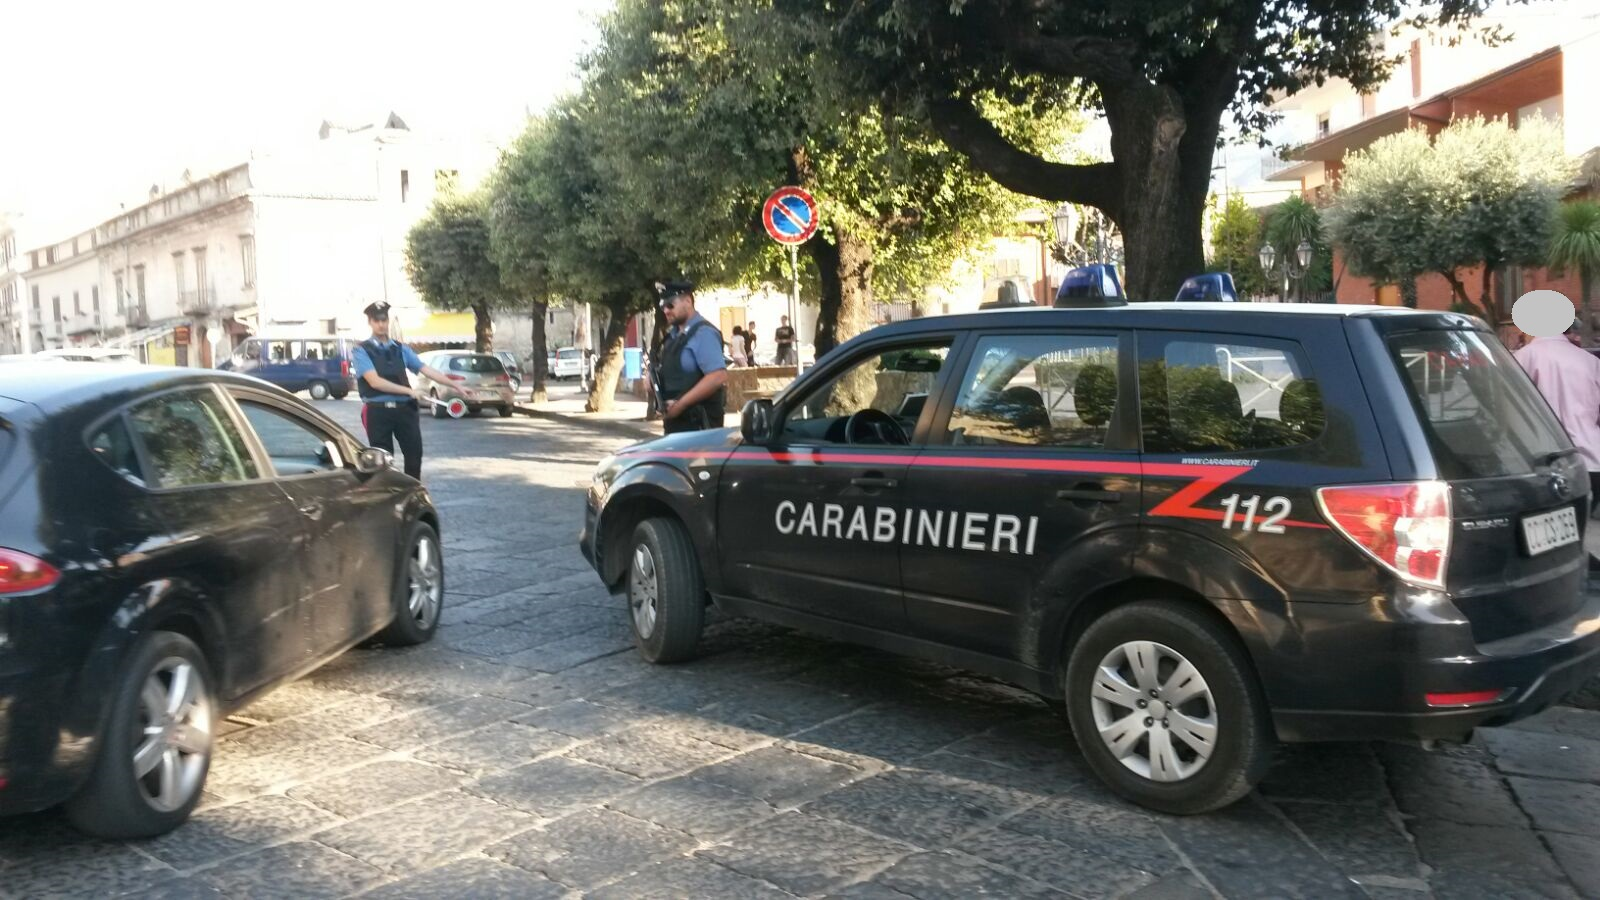 Quattro arresti per rissa a Cosenza, sono tutti feriti: uno è in prognosi riservata